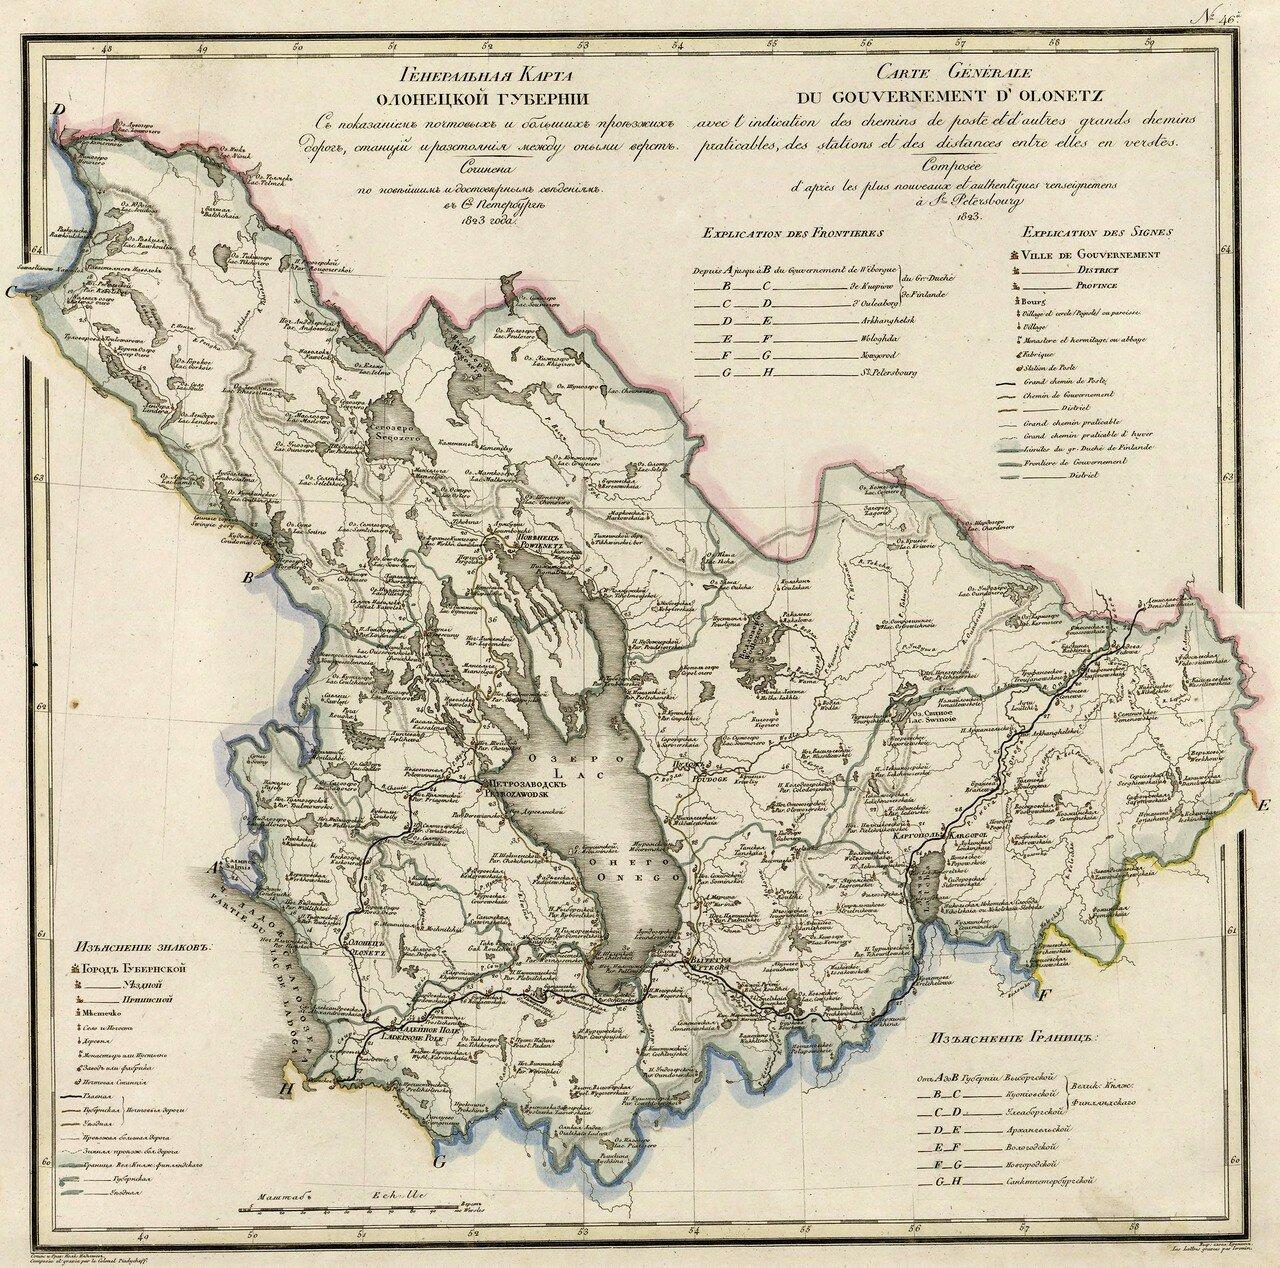 46. Олонецкая губерния. 1823